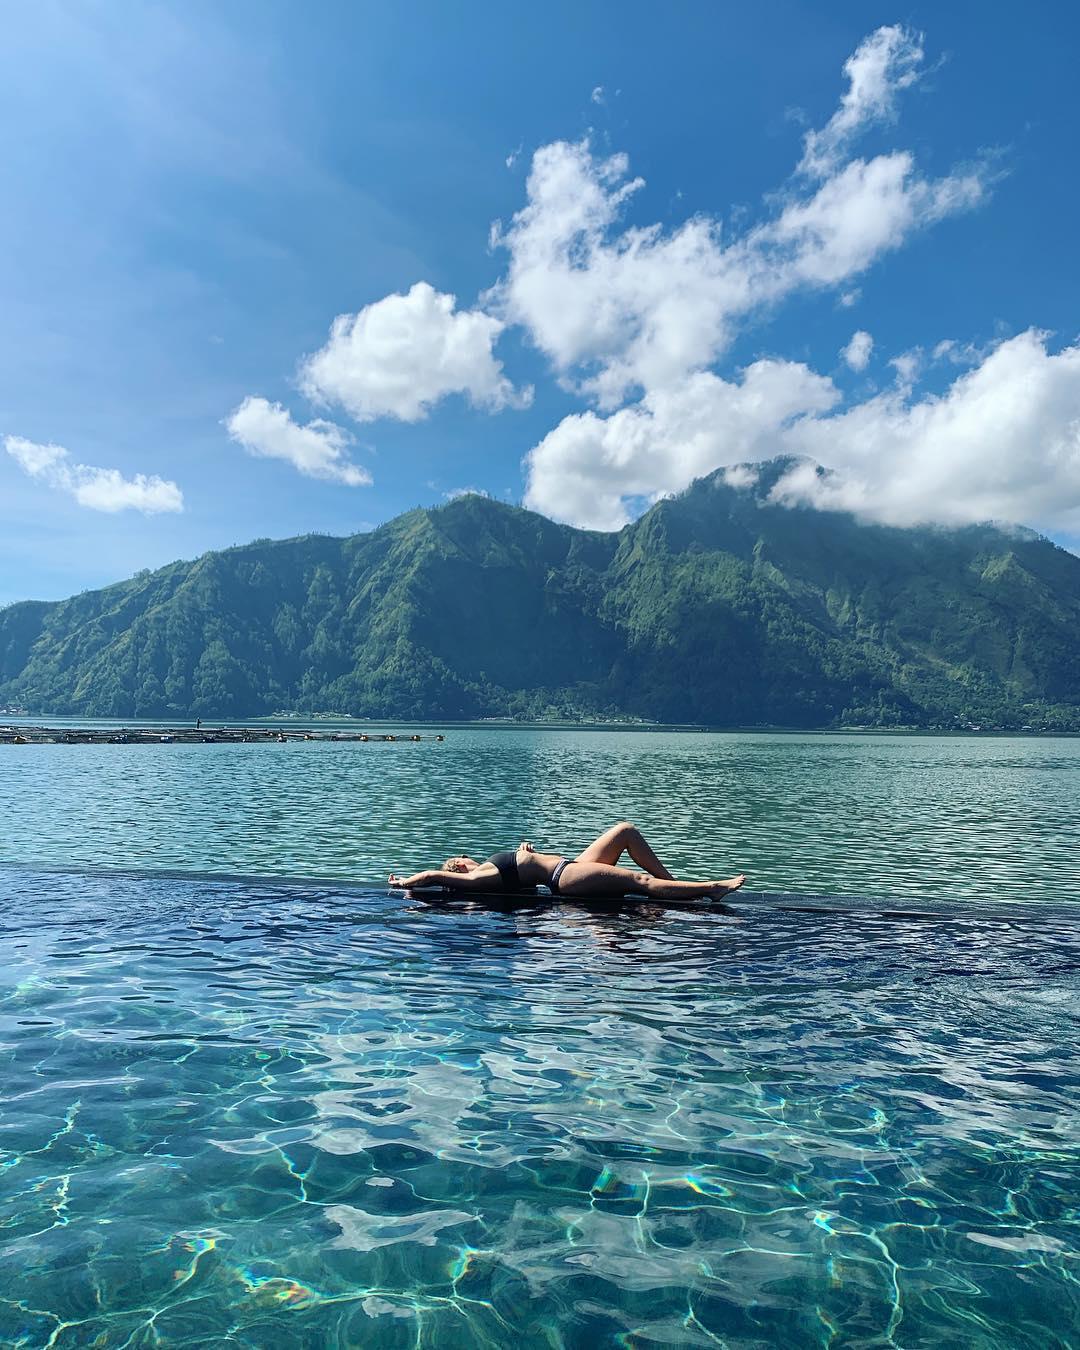 Hot Spring in Bali; Toya Bungkah Batur Natural Hot Springs